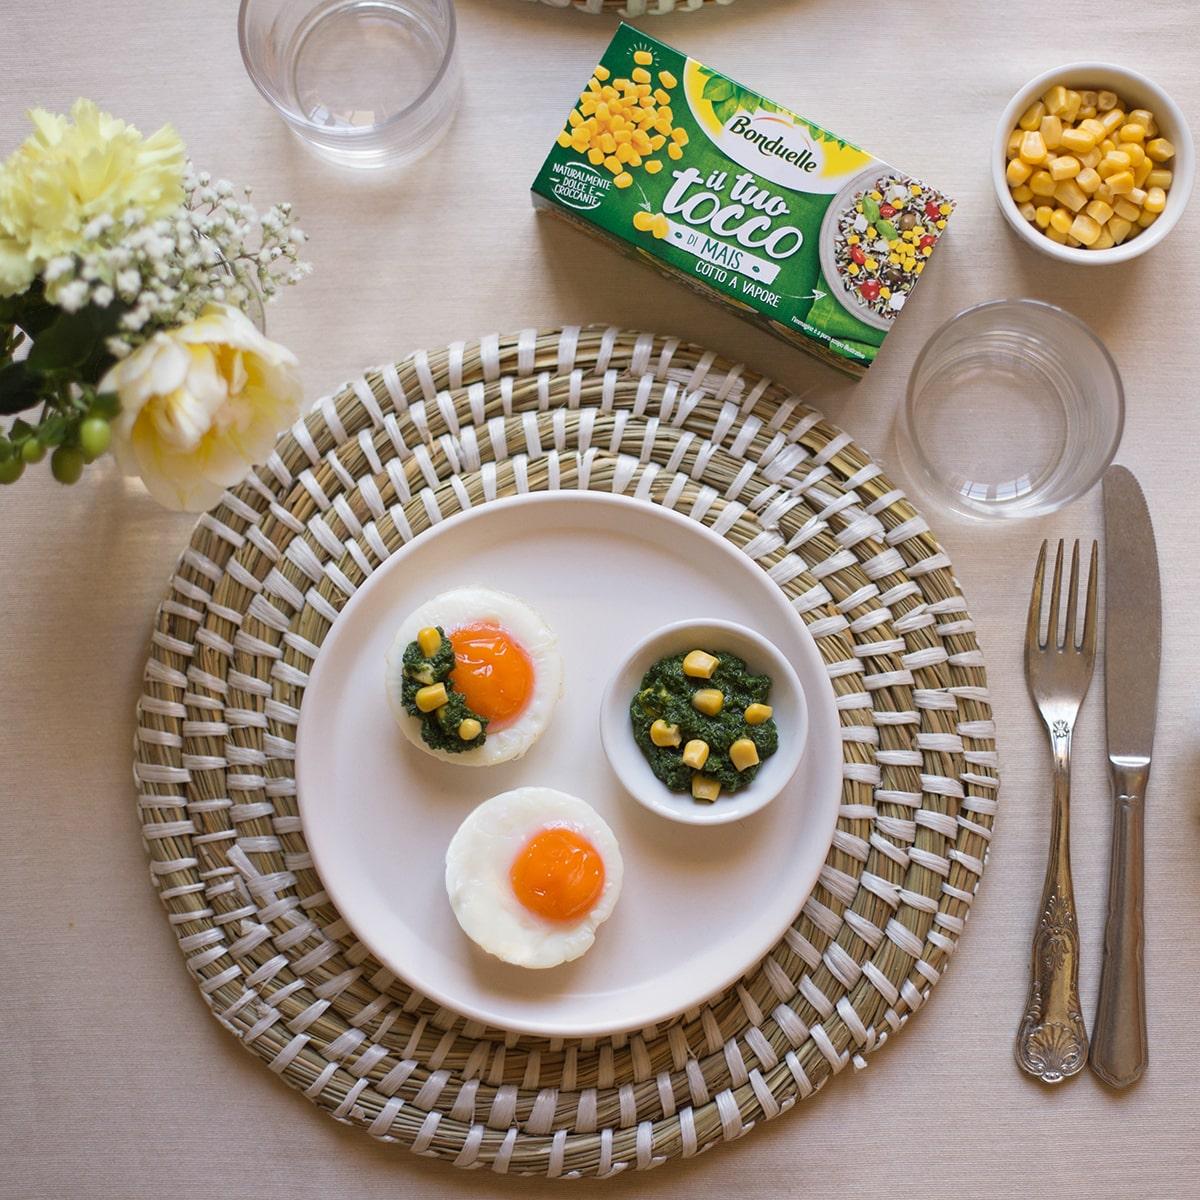 Idee pranzo di pasqua: muffin salati con pesto di rucola e il Tuo Tocco di mais